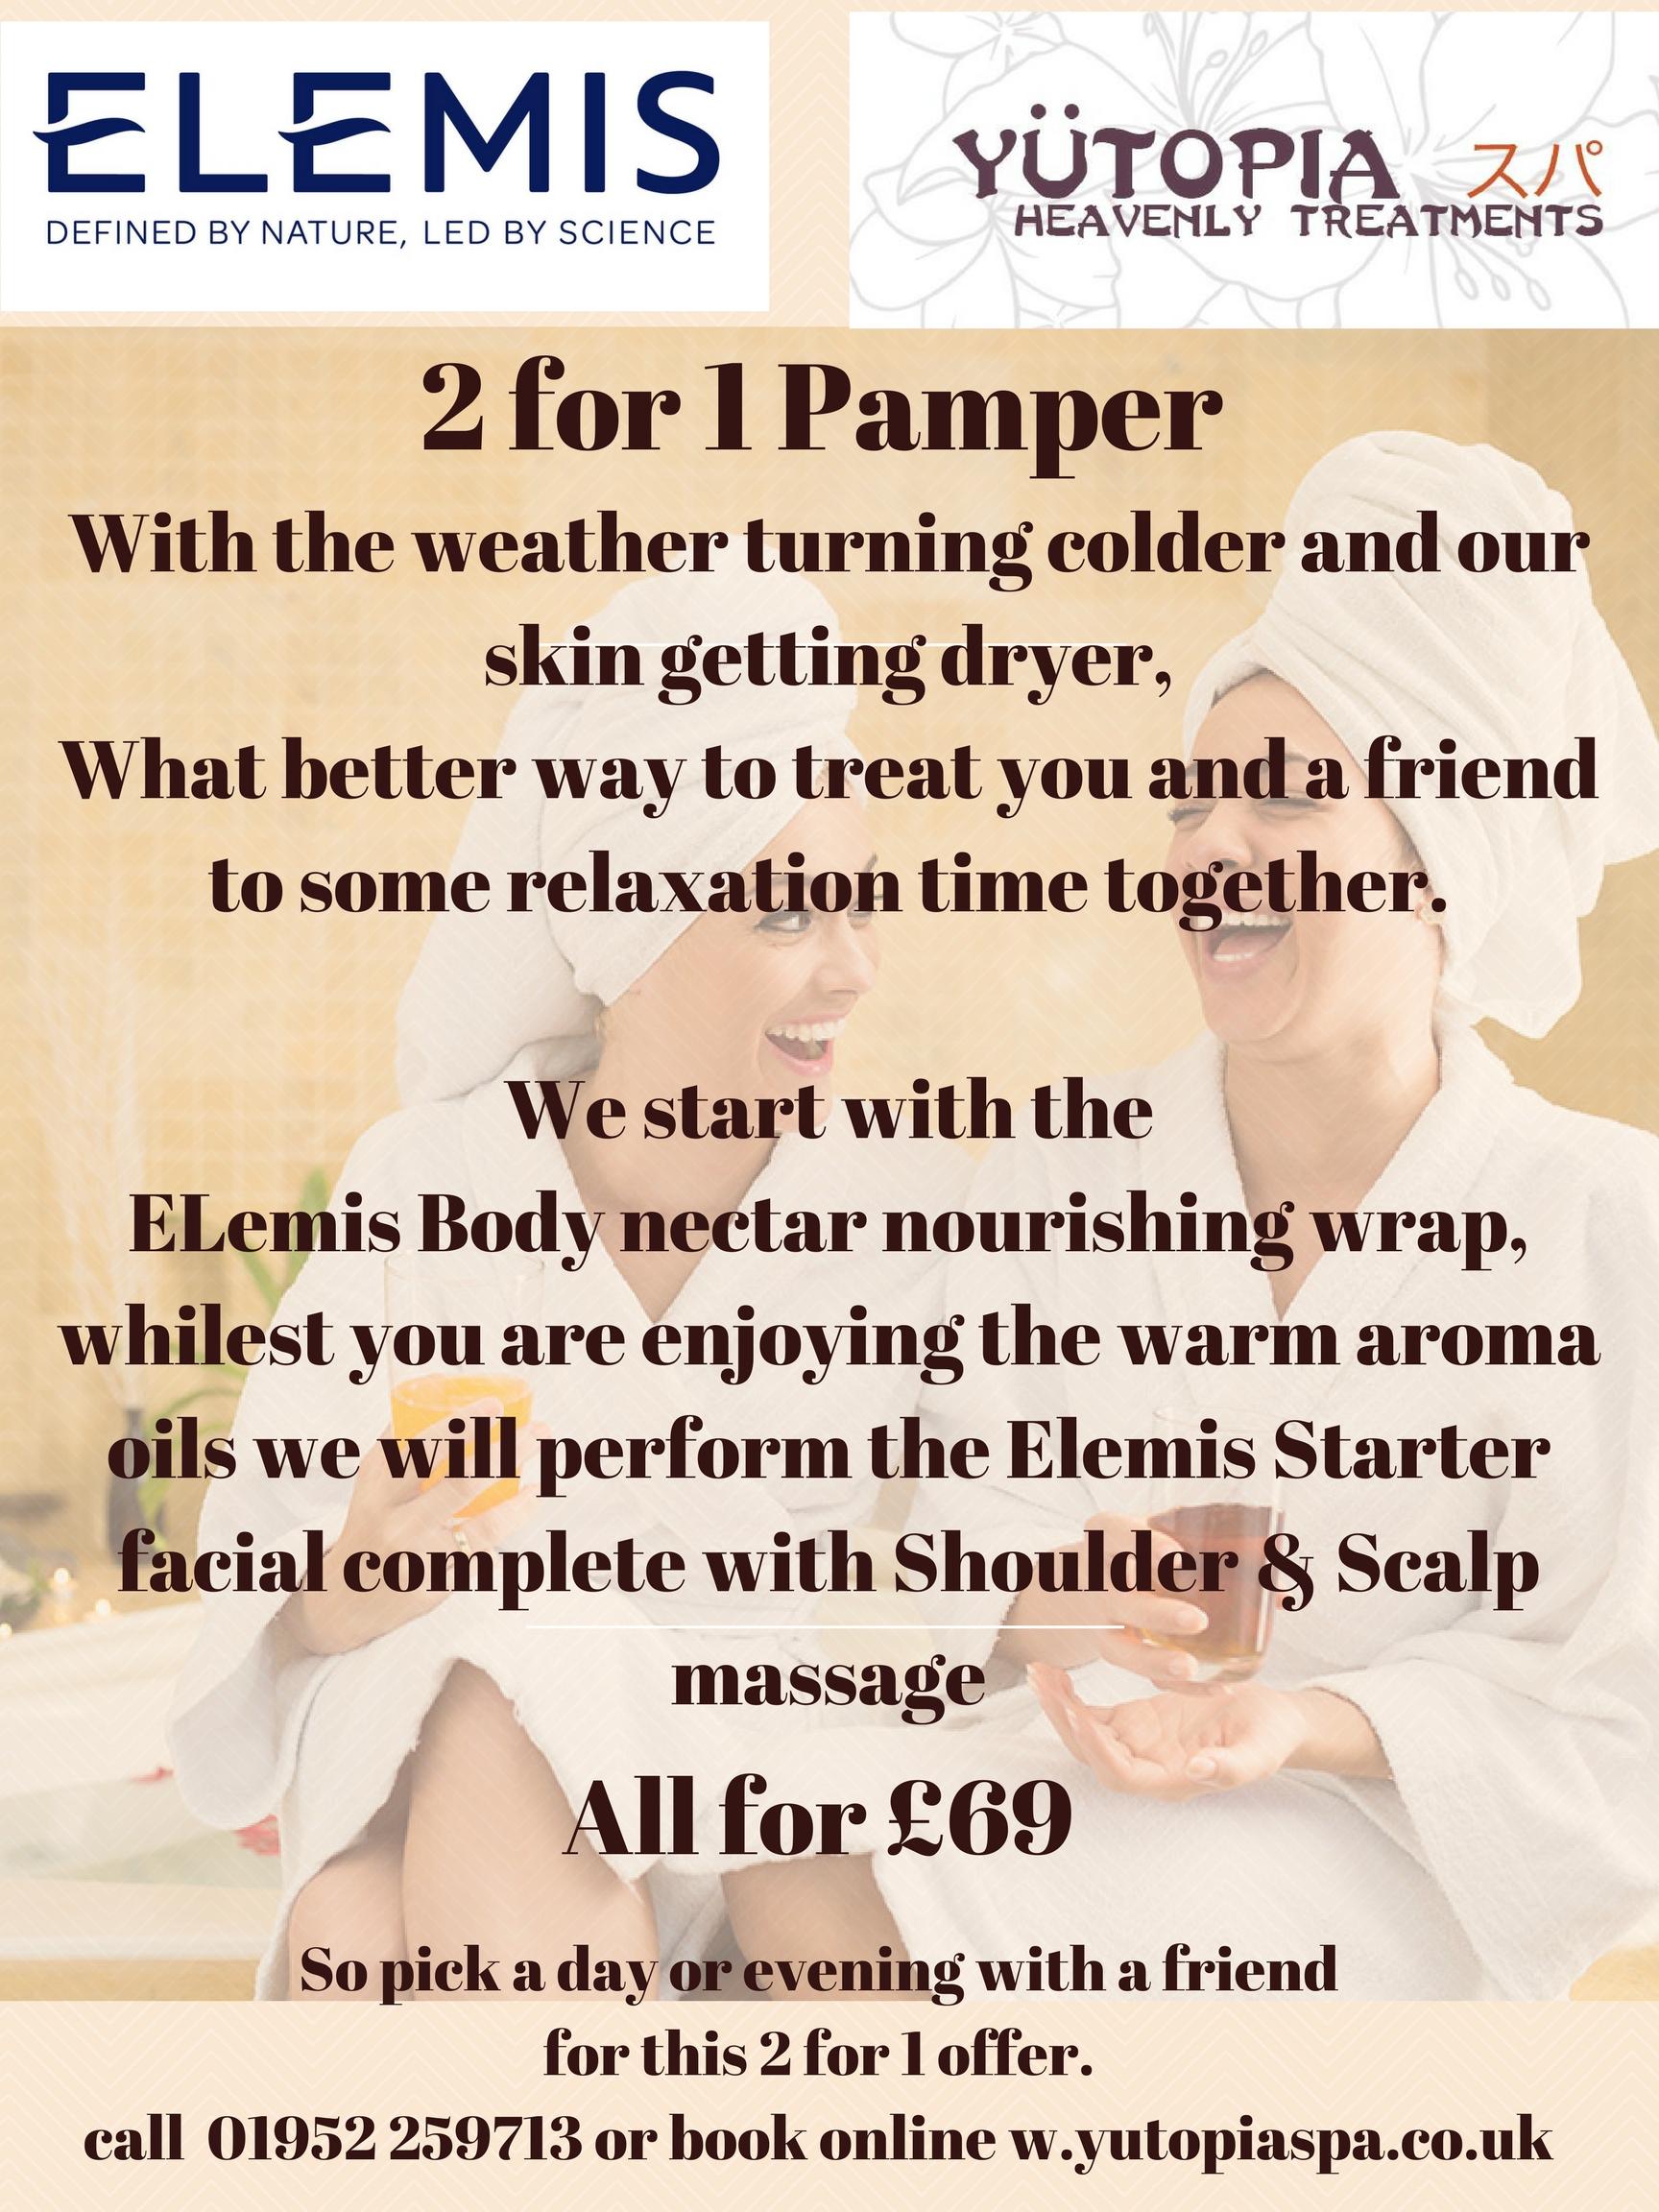 pamper 2 for 1 offer